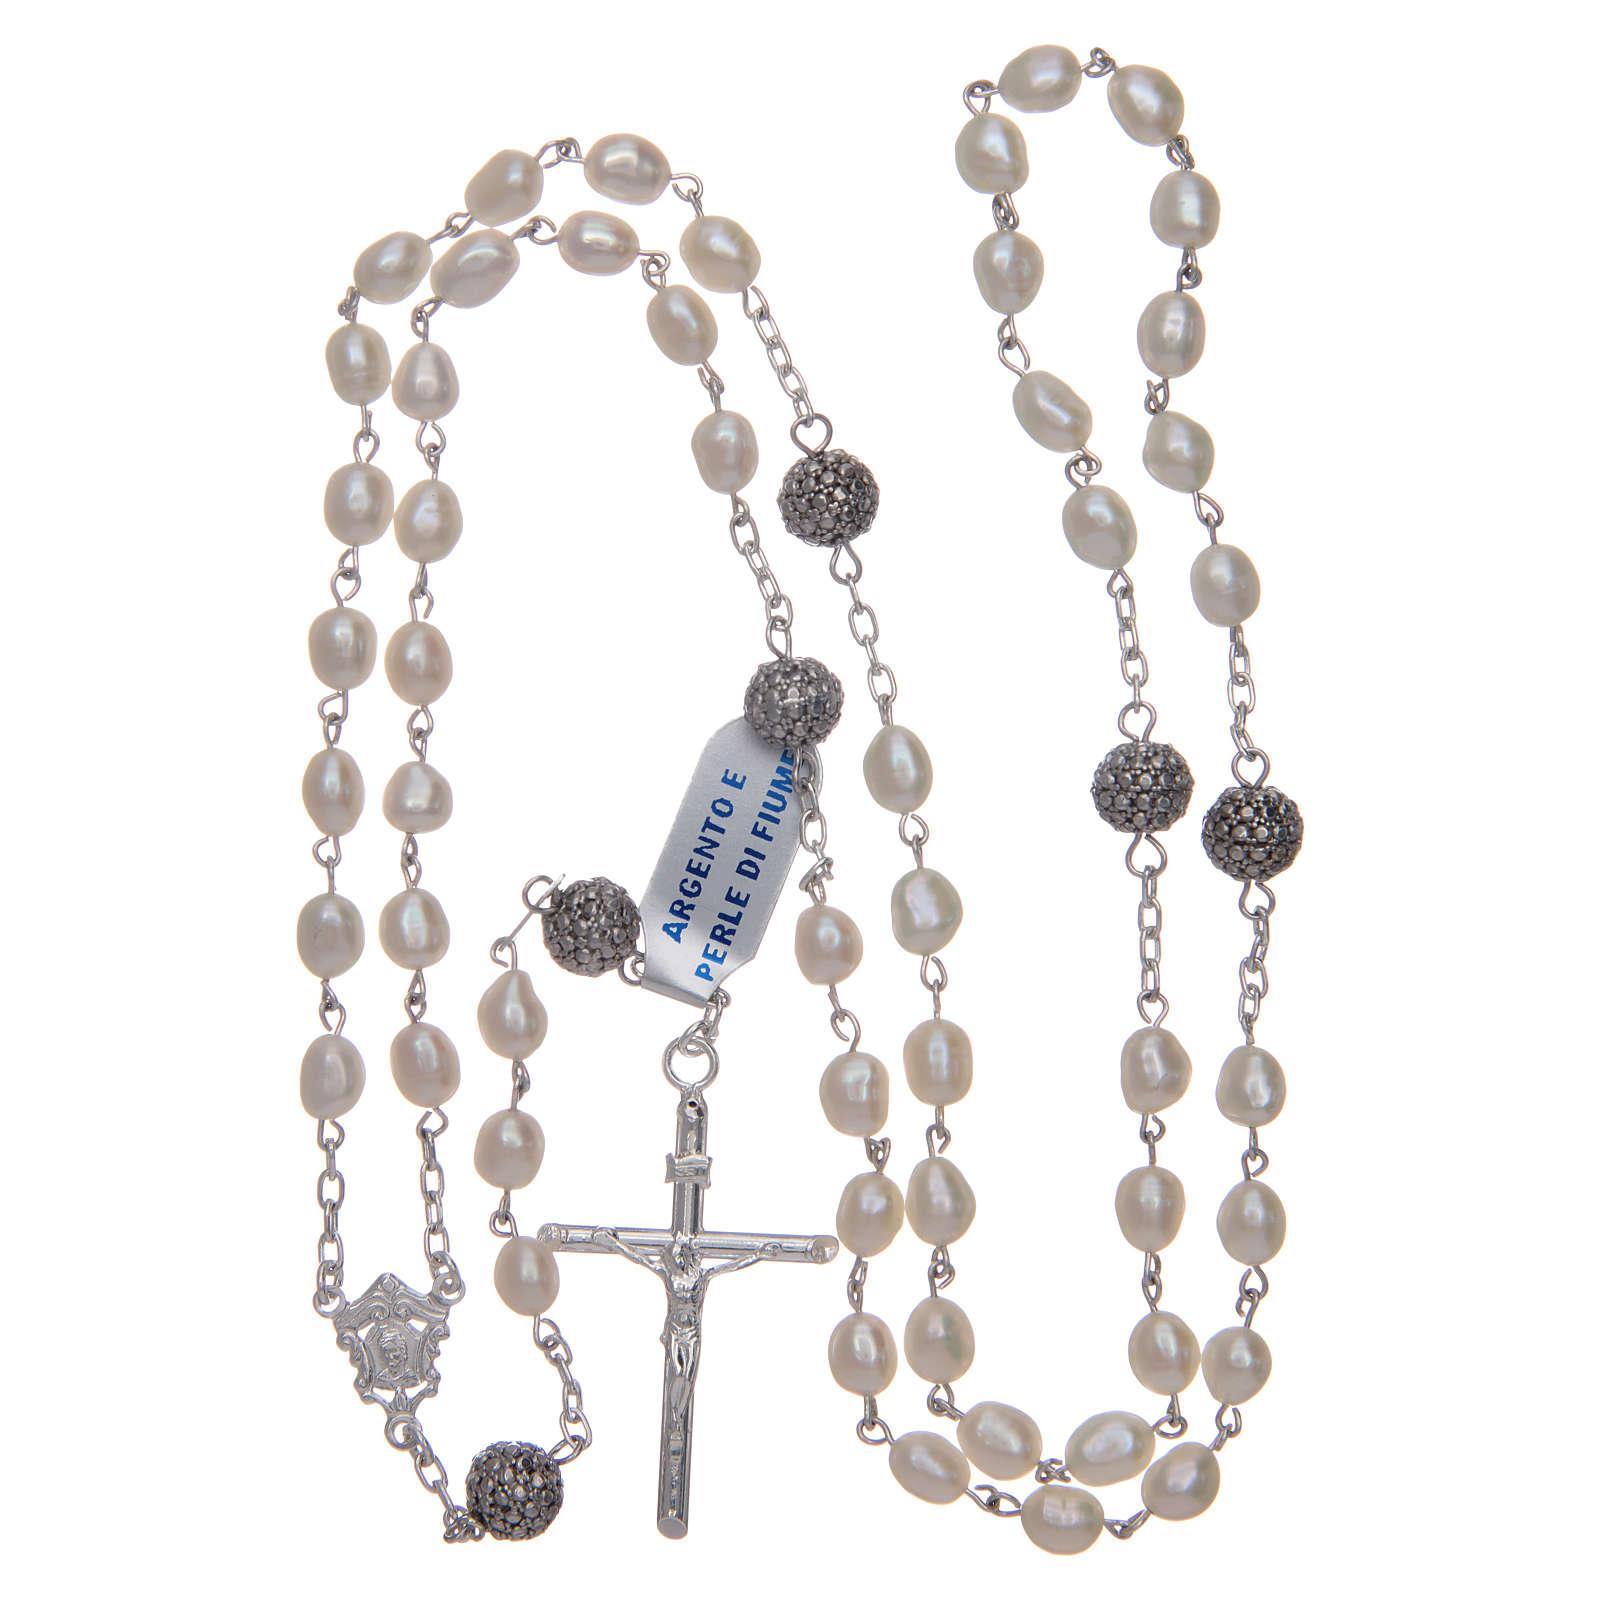 Rosenkranz Kette Silber 925 und oval Fluss Perlen 4